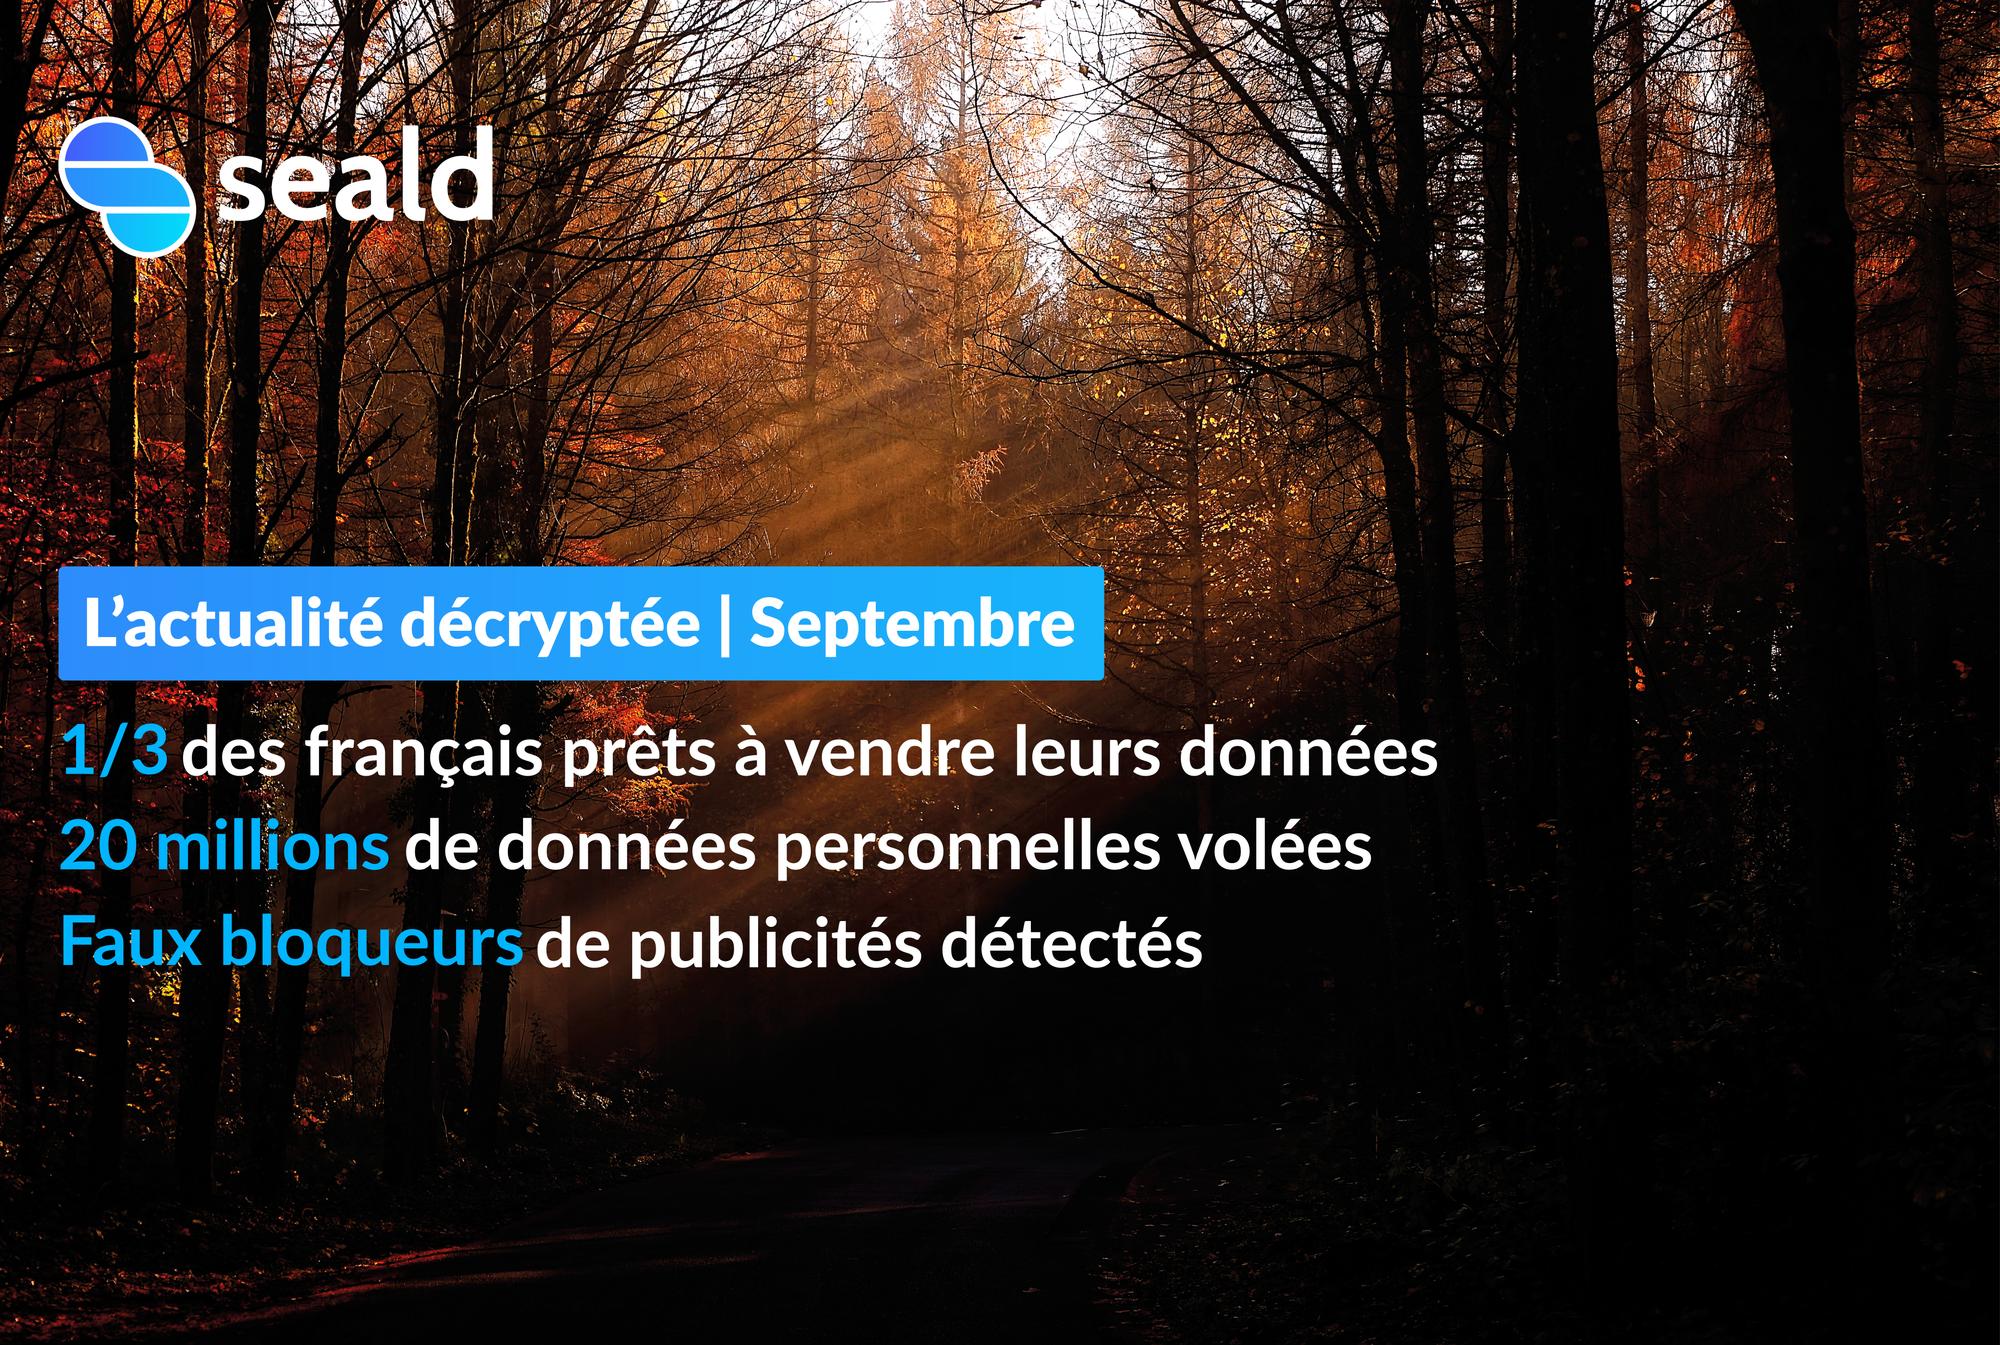 L'actualité décryptée | Septembre